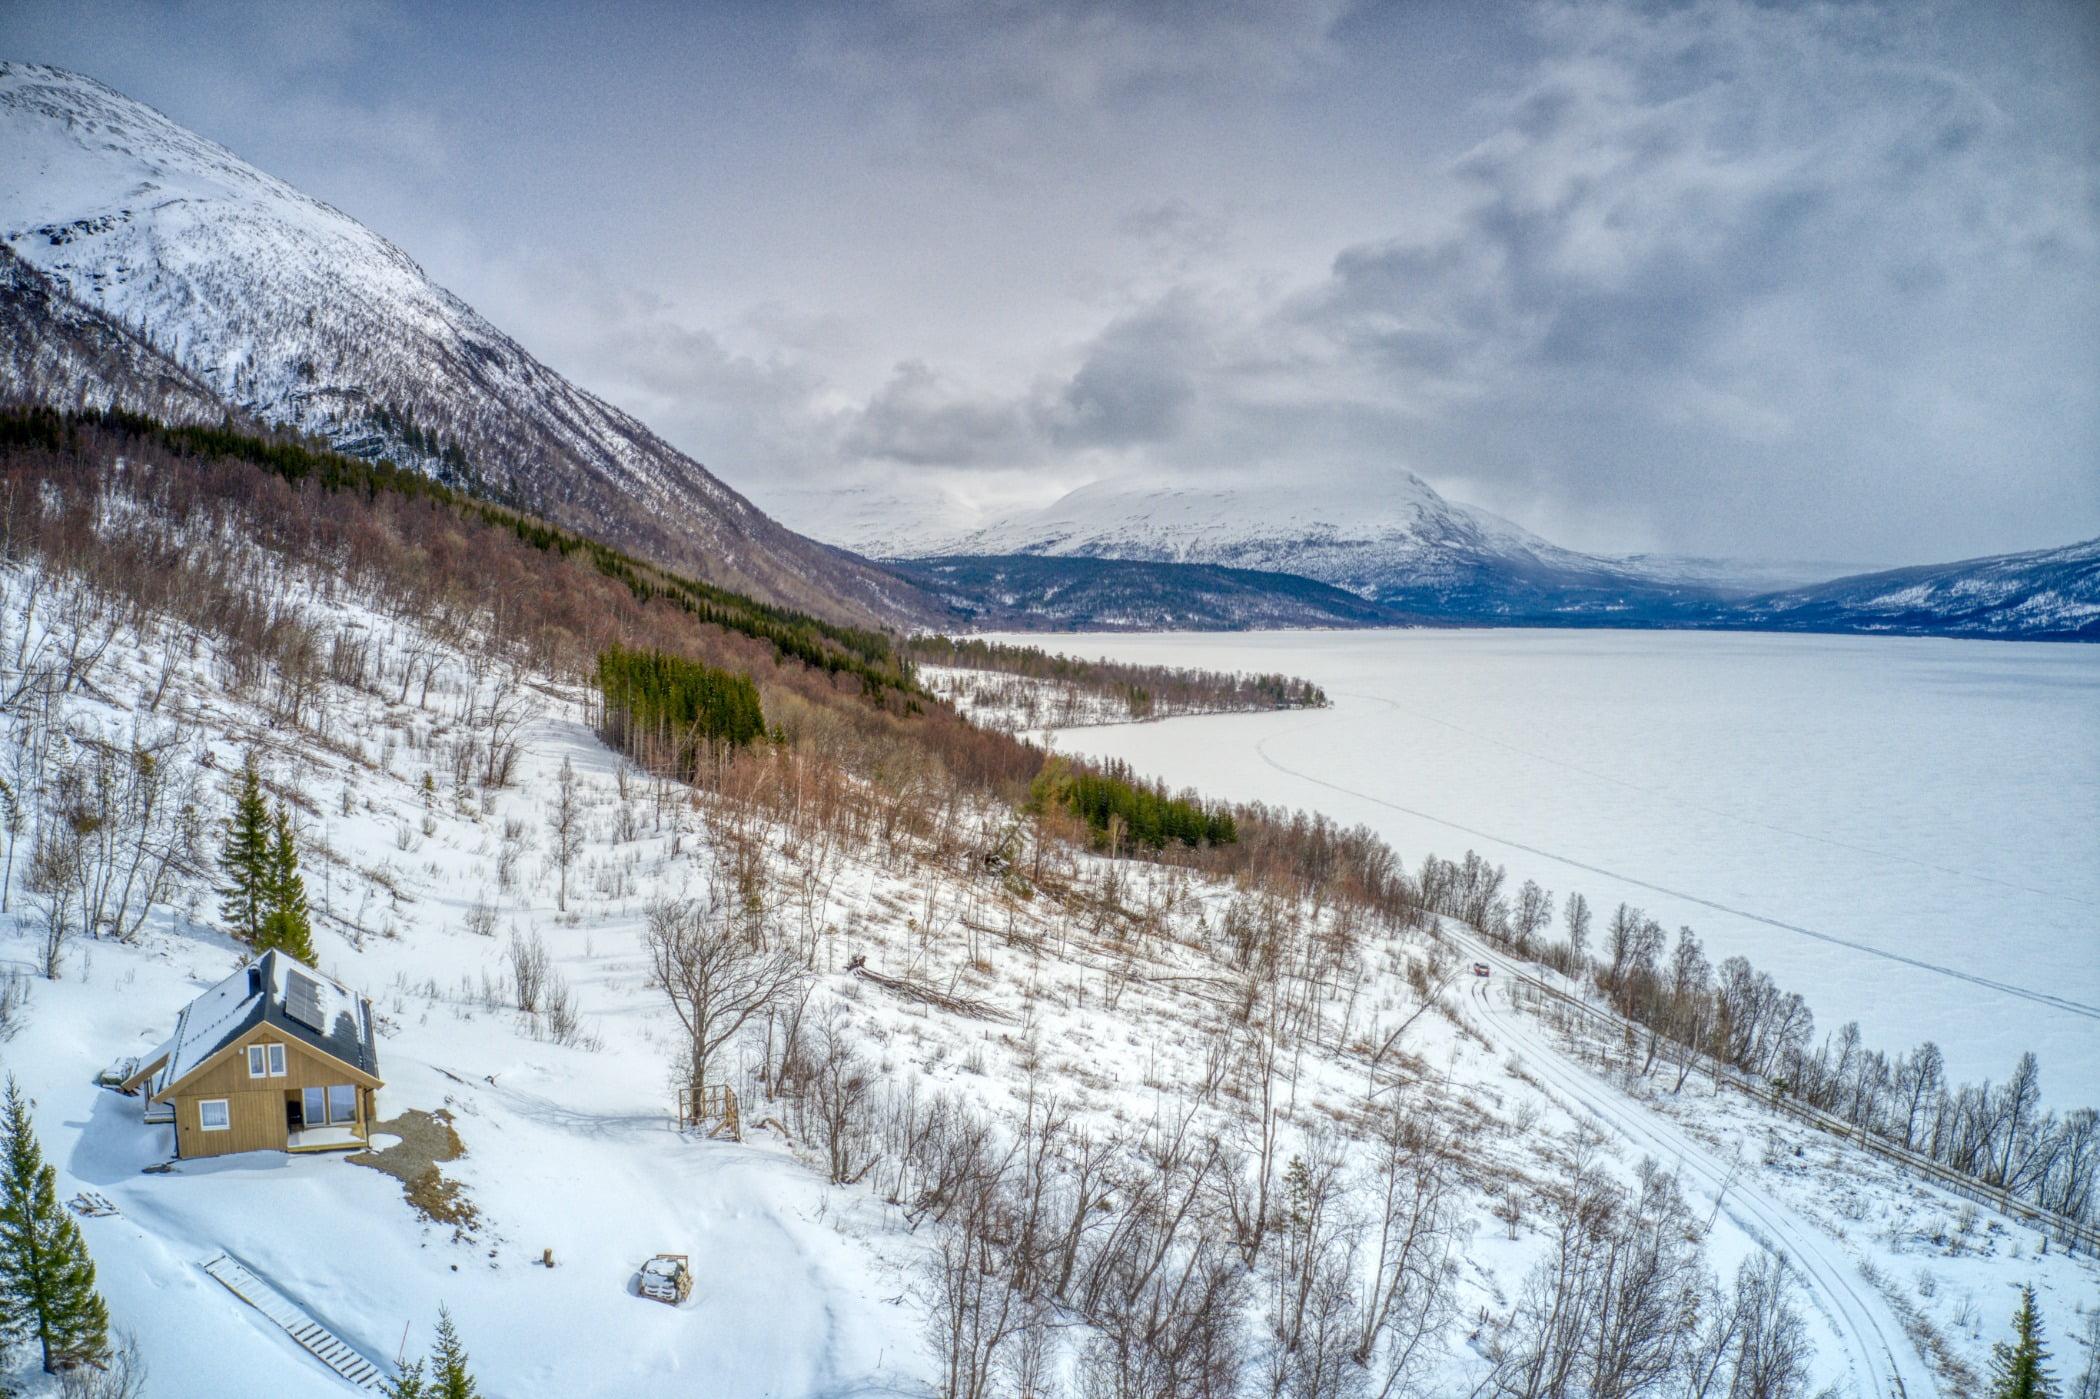 Natural landscape, Mountainous landforms, Sky, Cloud, Snow, Mountain, Slope, Highland, Plant, Freezing